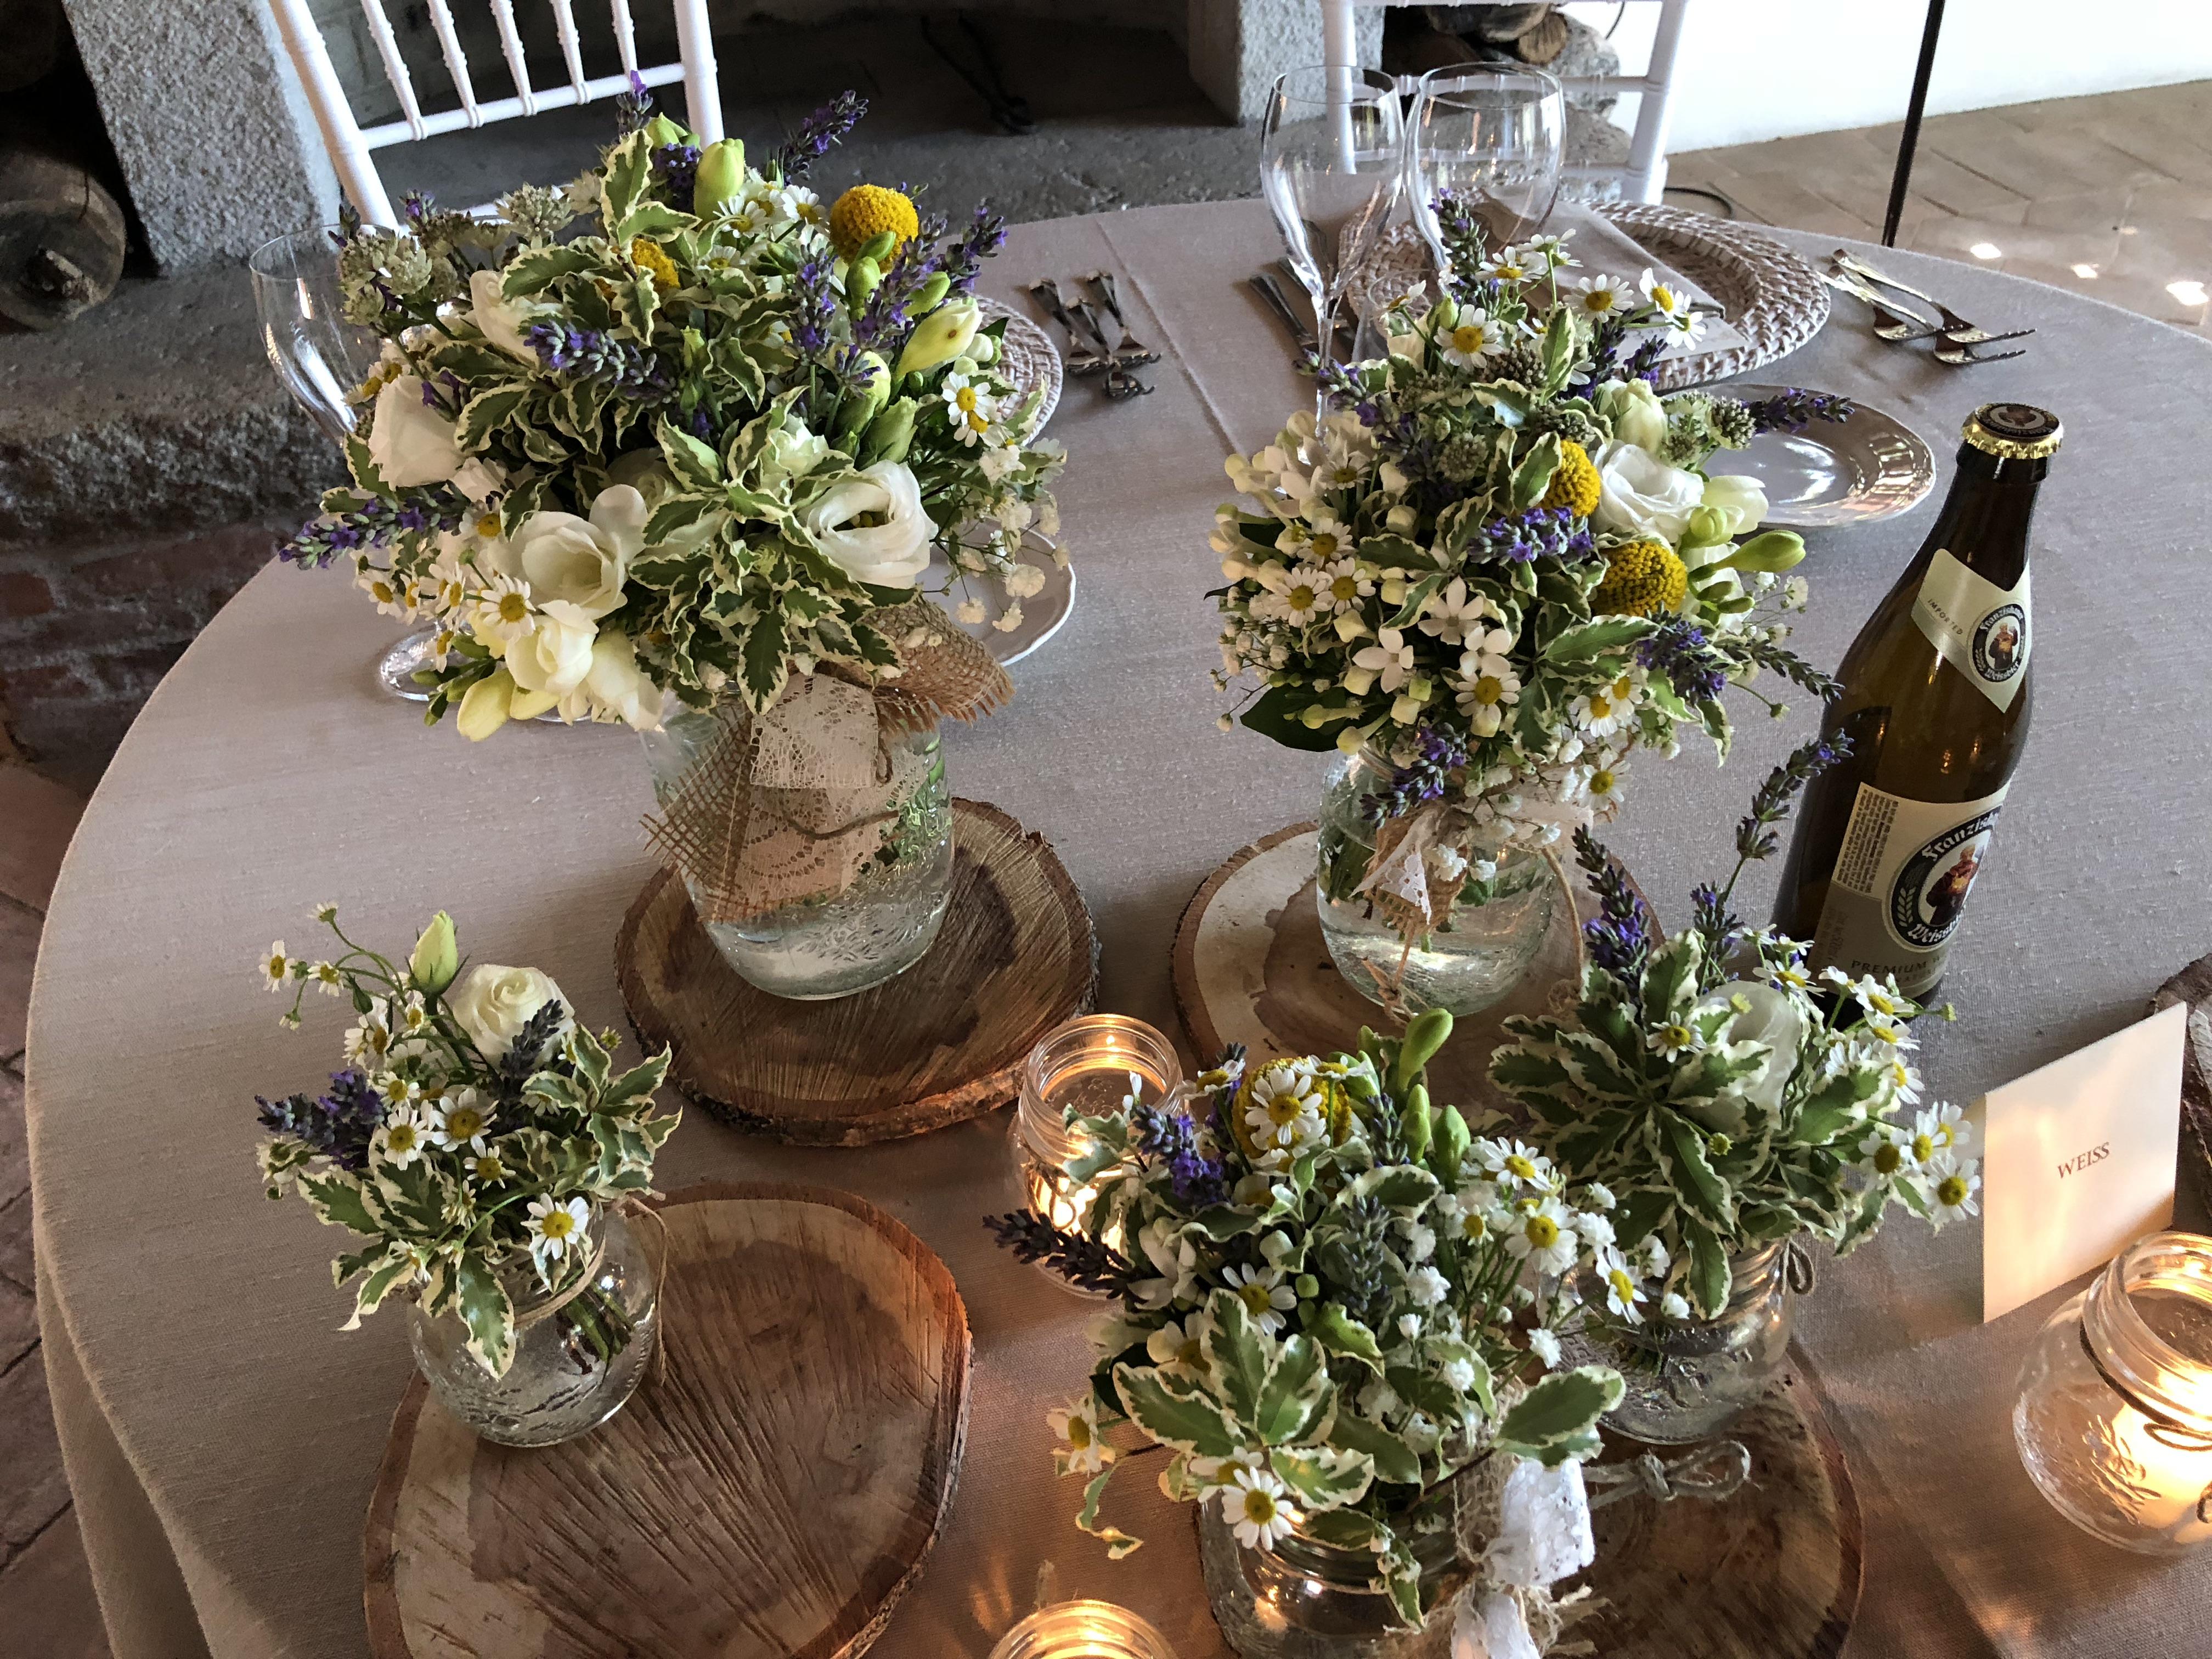 Matrimonio Rustico Moderno : Matrimonio rustico rita milani floral designer